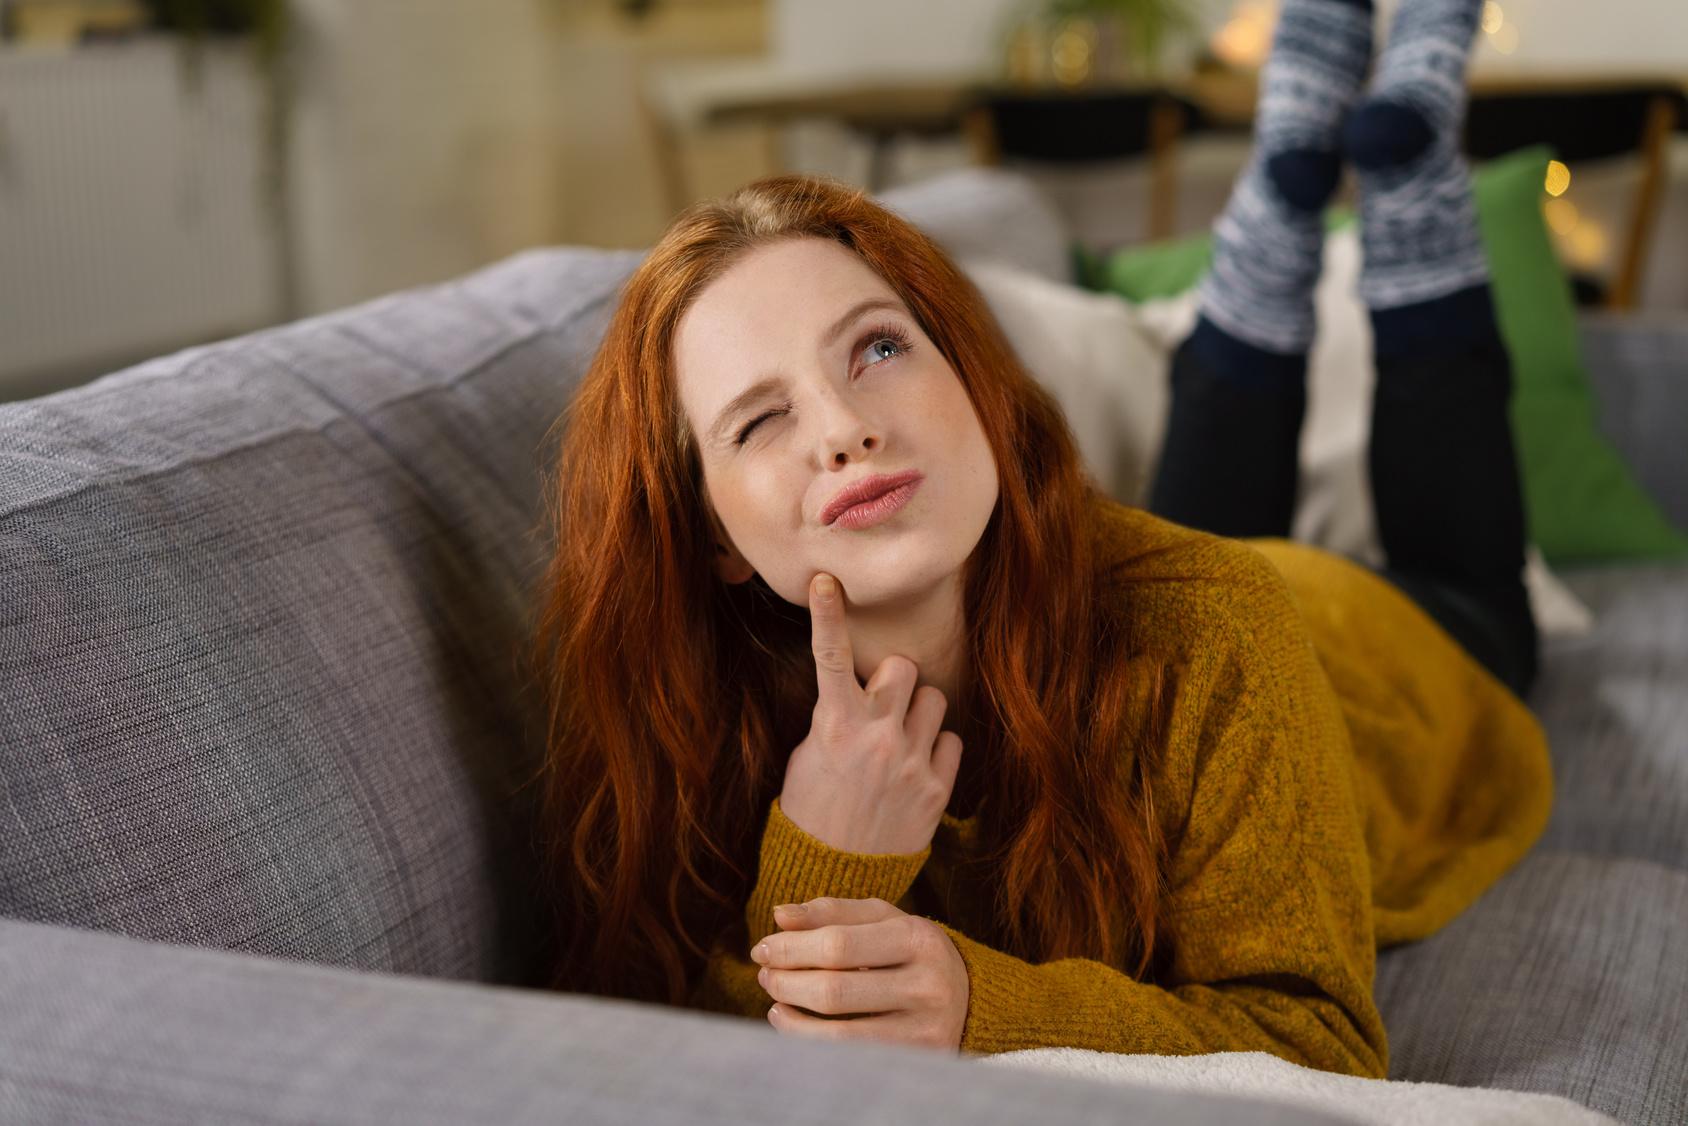 Frau liegt auf der Couch und denkt nach